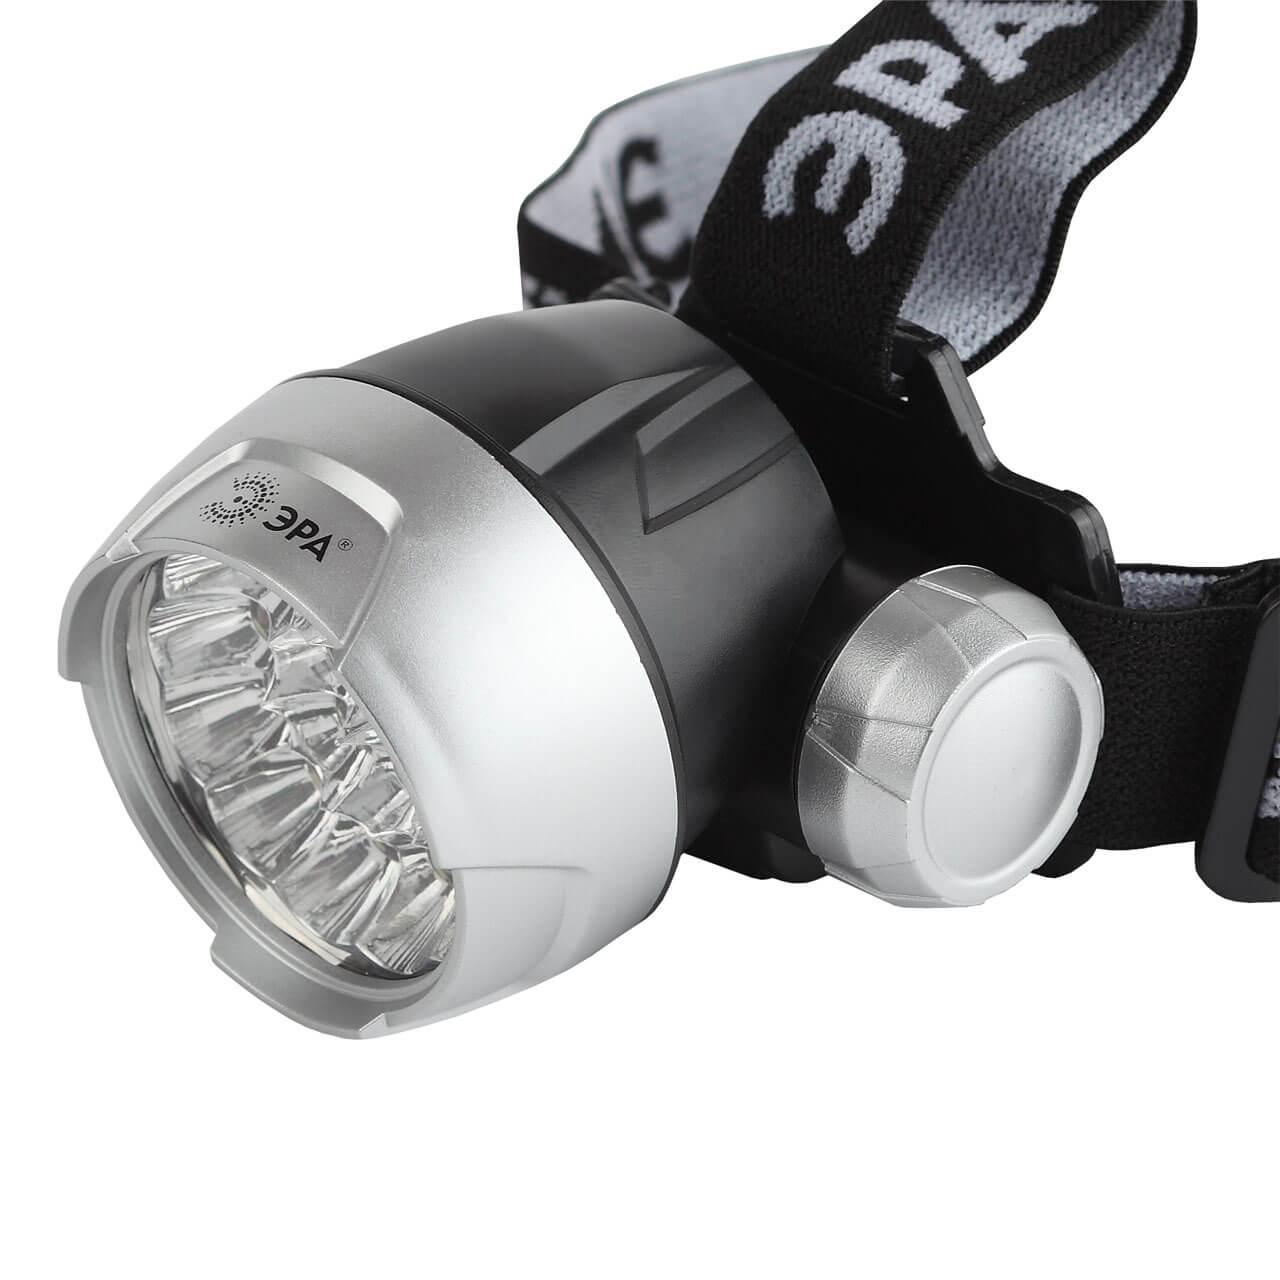 Налобный светодиодный фонарь ЭРА от батареек GB-705 светодиодный алюминиевый фонарь эра sd9